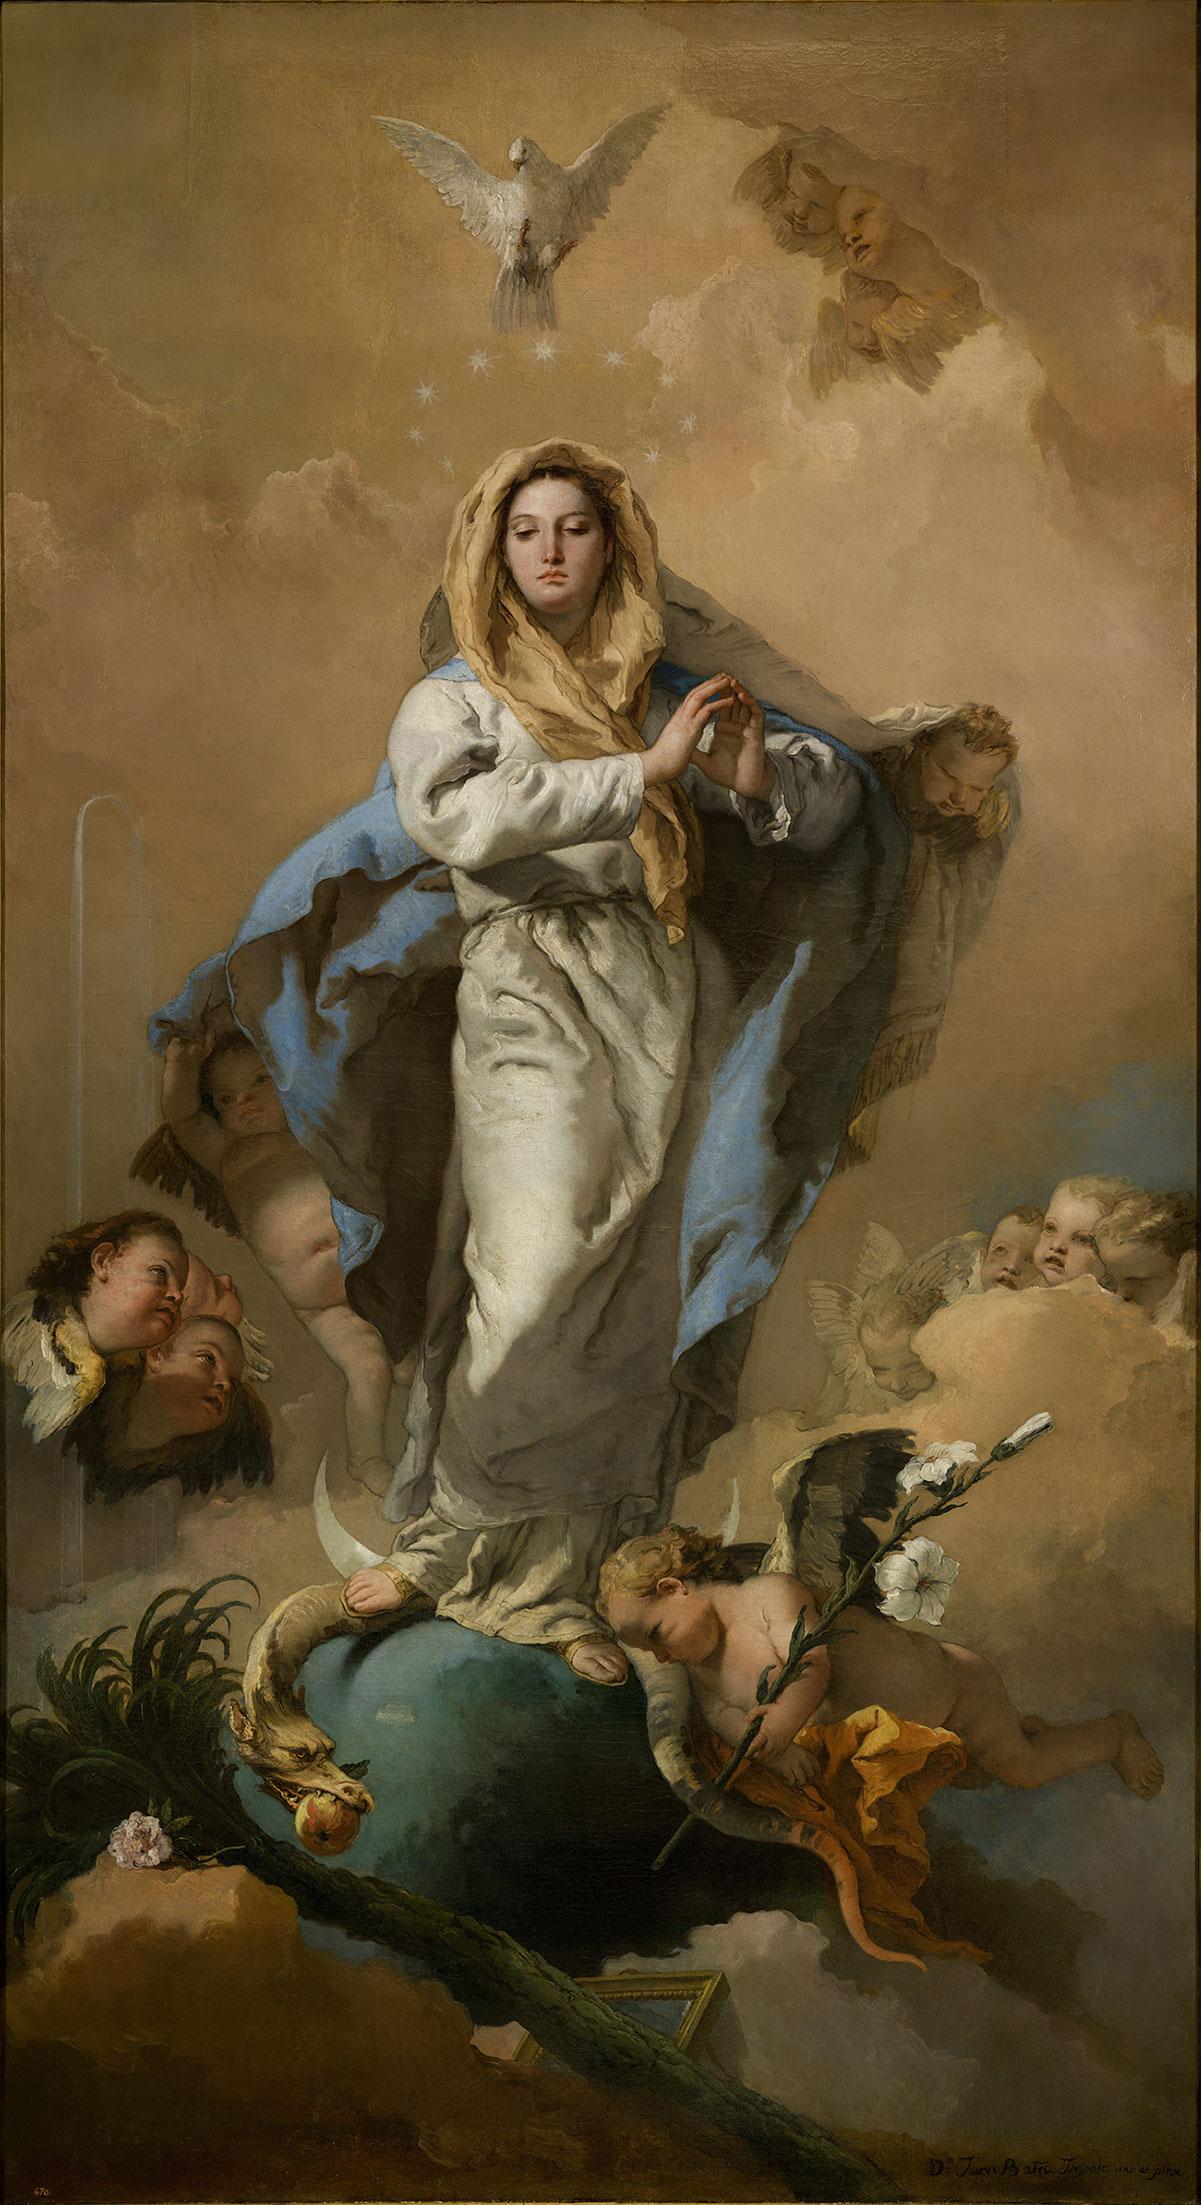 The Immaculate Conception /L'Immacolata Concezione/ + Tiepolo, Giovanni Battista *magnifico